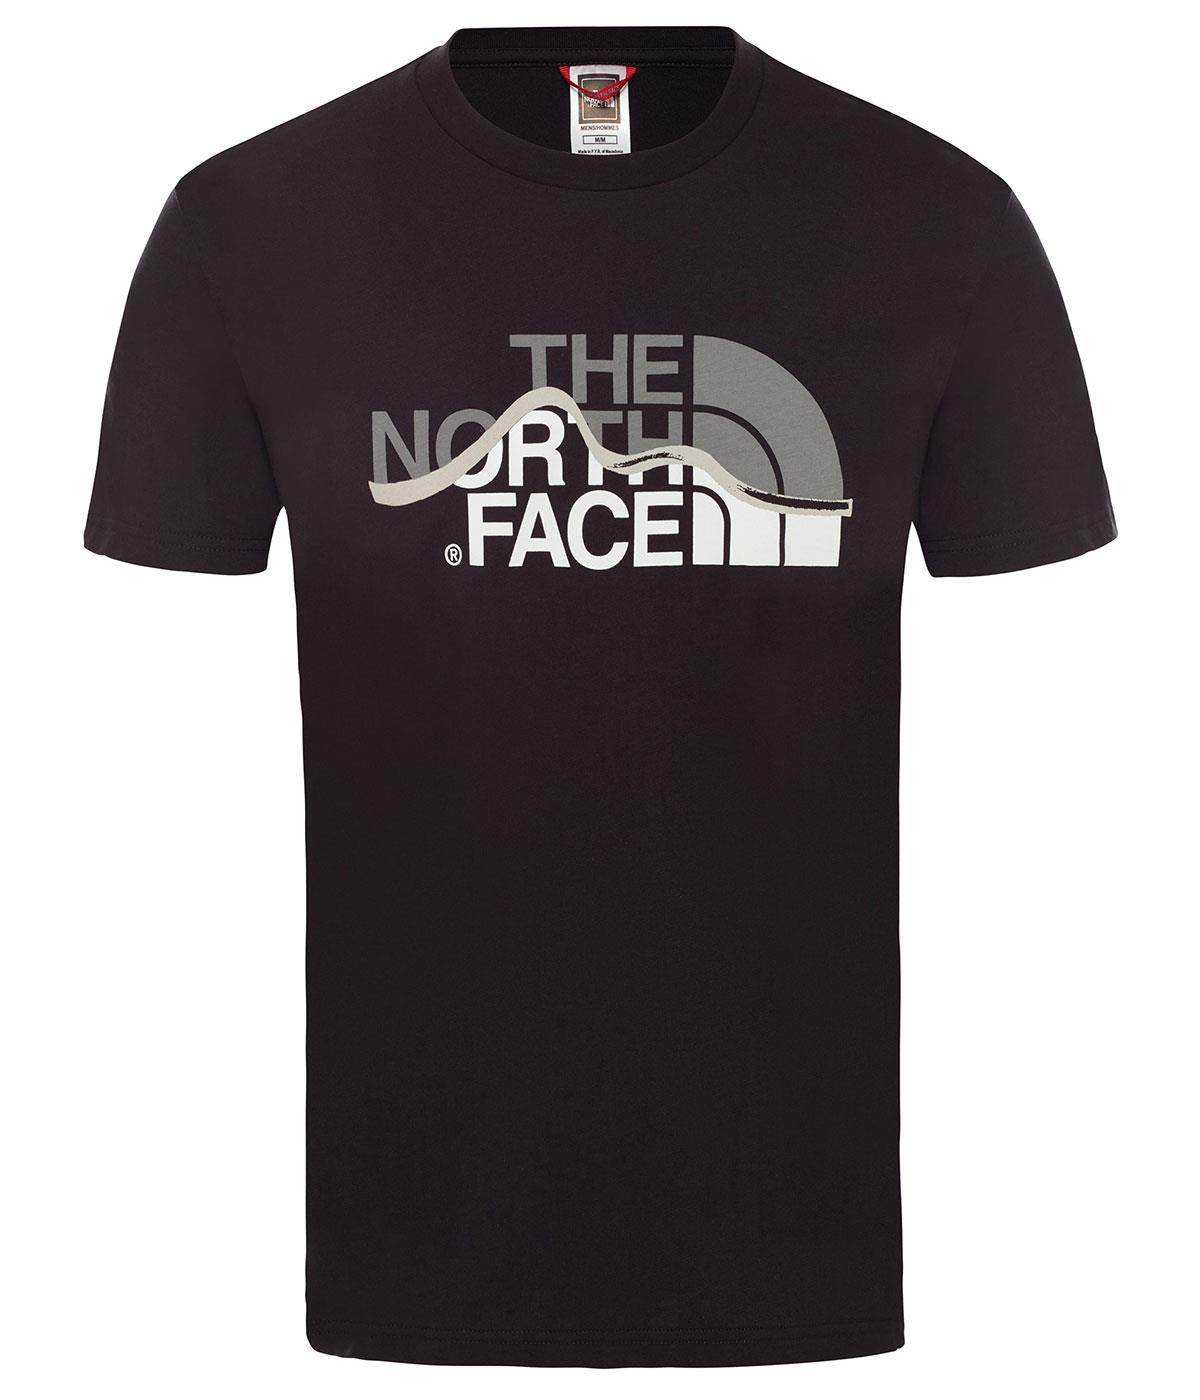 The Northface Erkek S/S Mountain Line Tee - Eu T0A3G2Jk3 Tişört